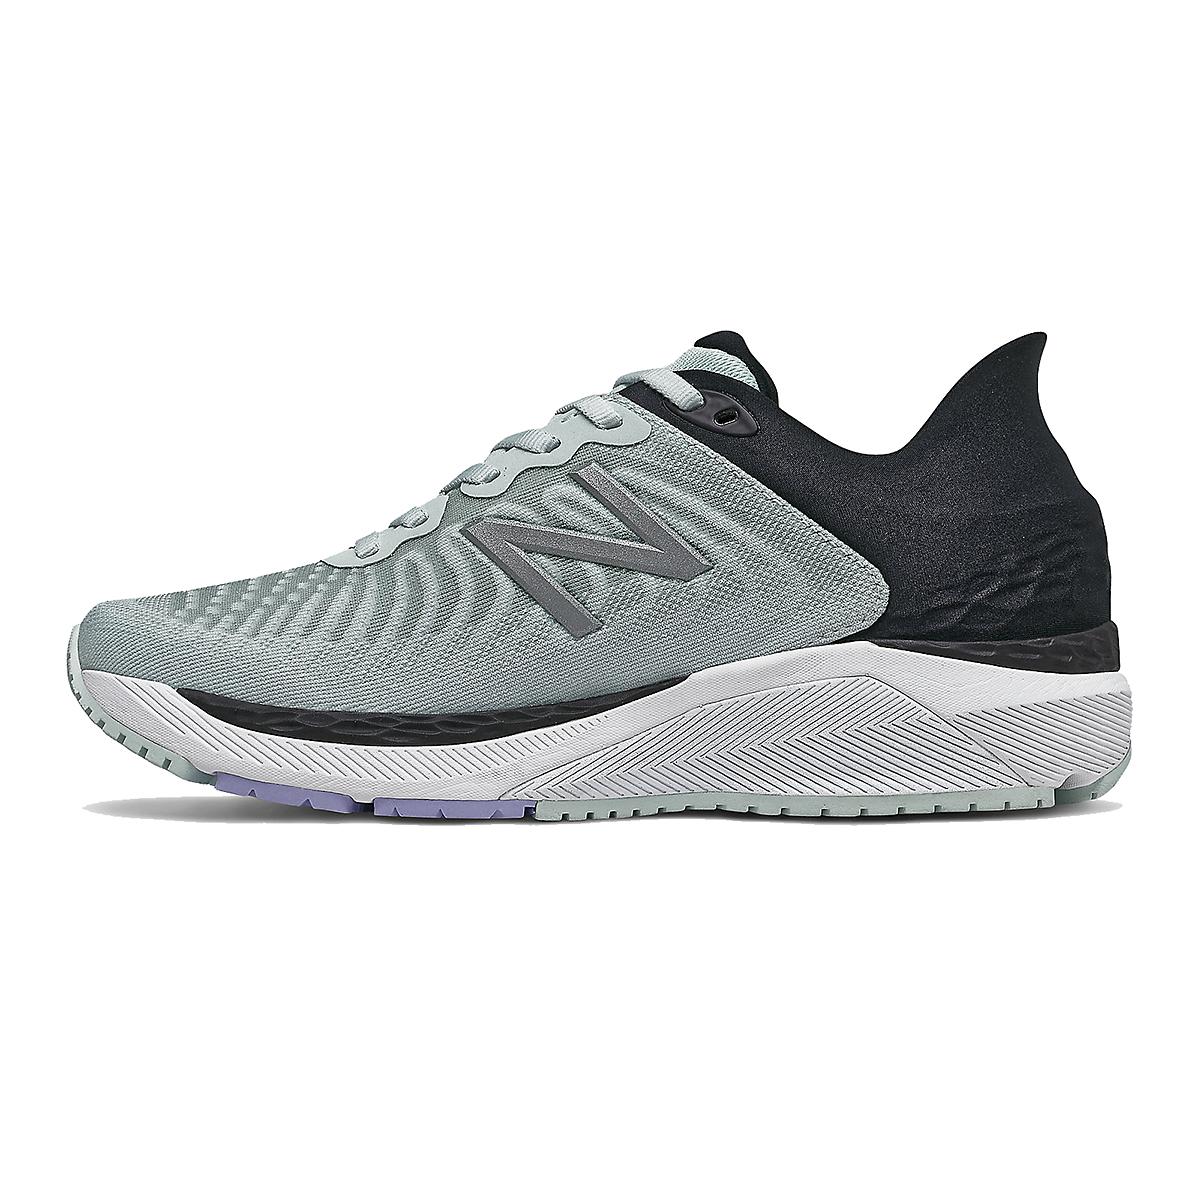 Women's New Balance Fresh Foam 860v11 Running Shoe - Color: Camden Fog - Size: 6 - Width: Regular, Camden Fog, large, image 2